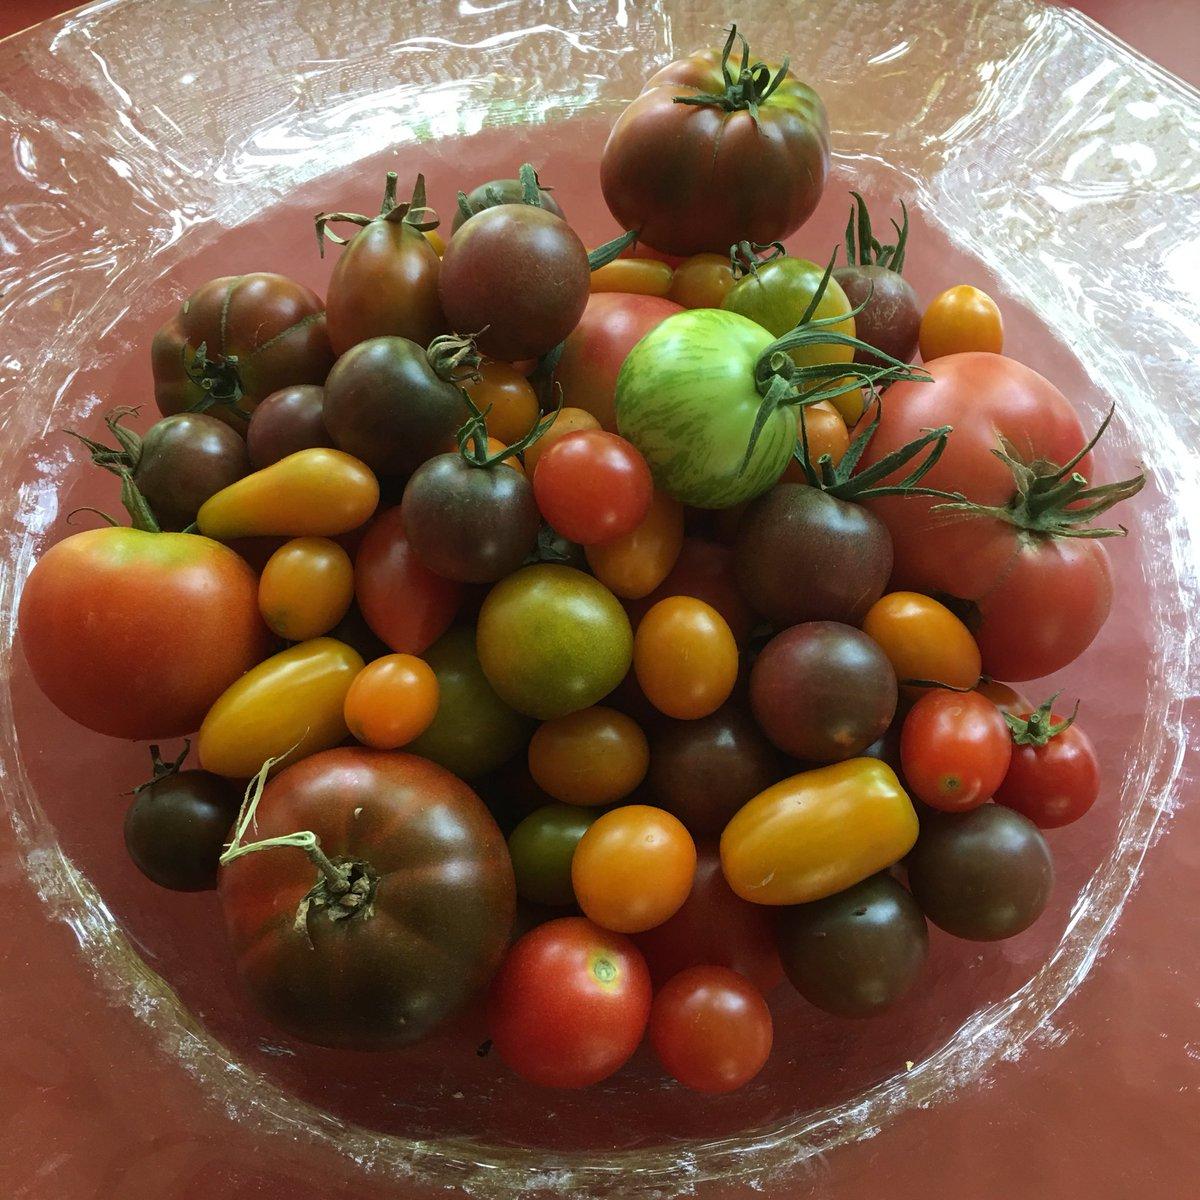 Nach Gurken und Zucchetti kommen die Tomaten. #Gartenglück #Erntestress